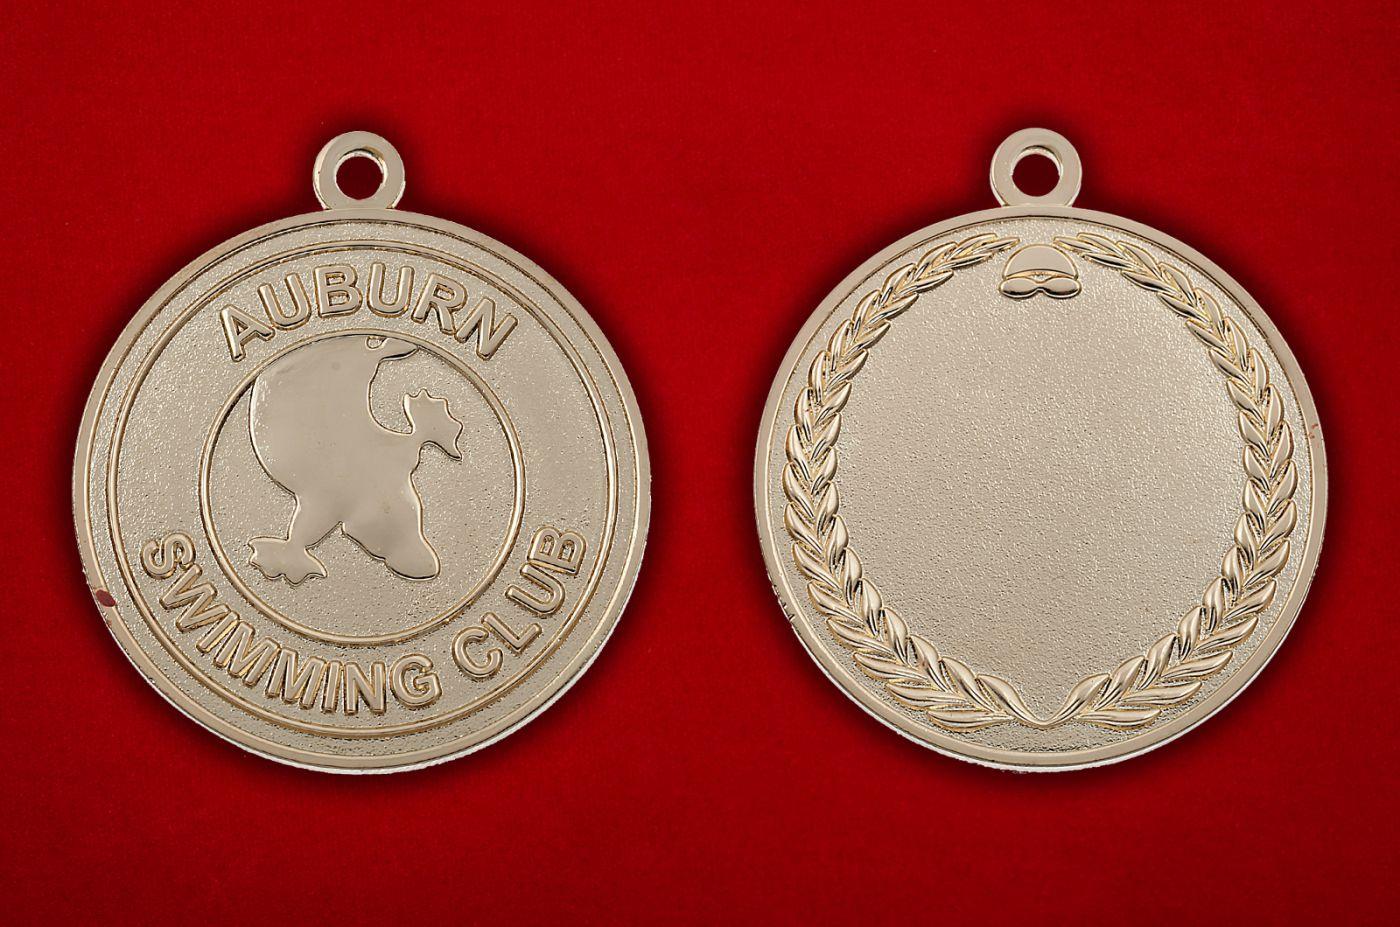 Медальон члена клуба пловцов Эйбурна, Австралия - аверс и реверс